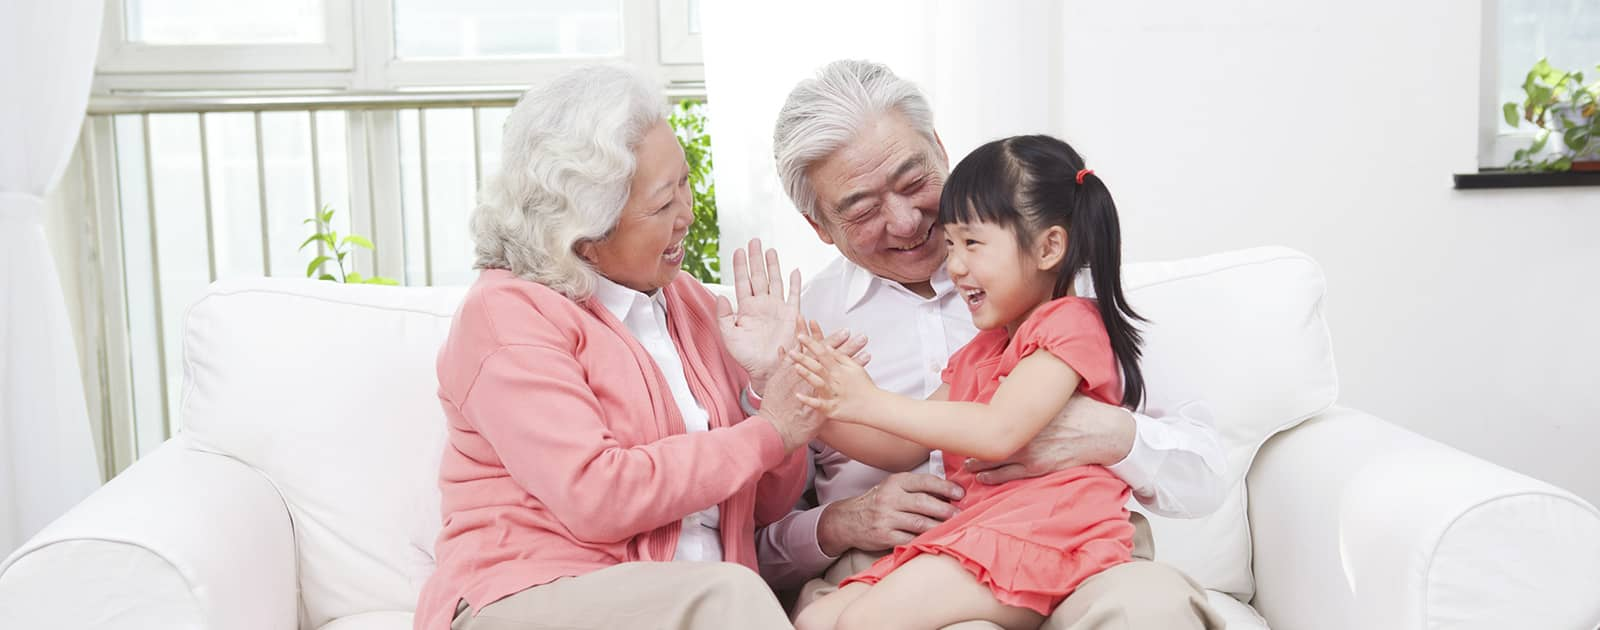 4 Ý tưởng để tránh bị thiếu tiền khi Nghỉ hưu